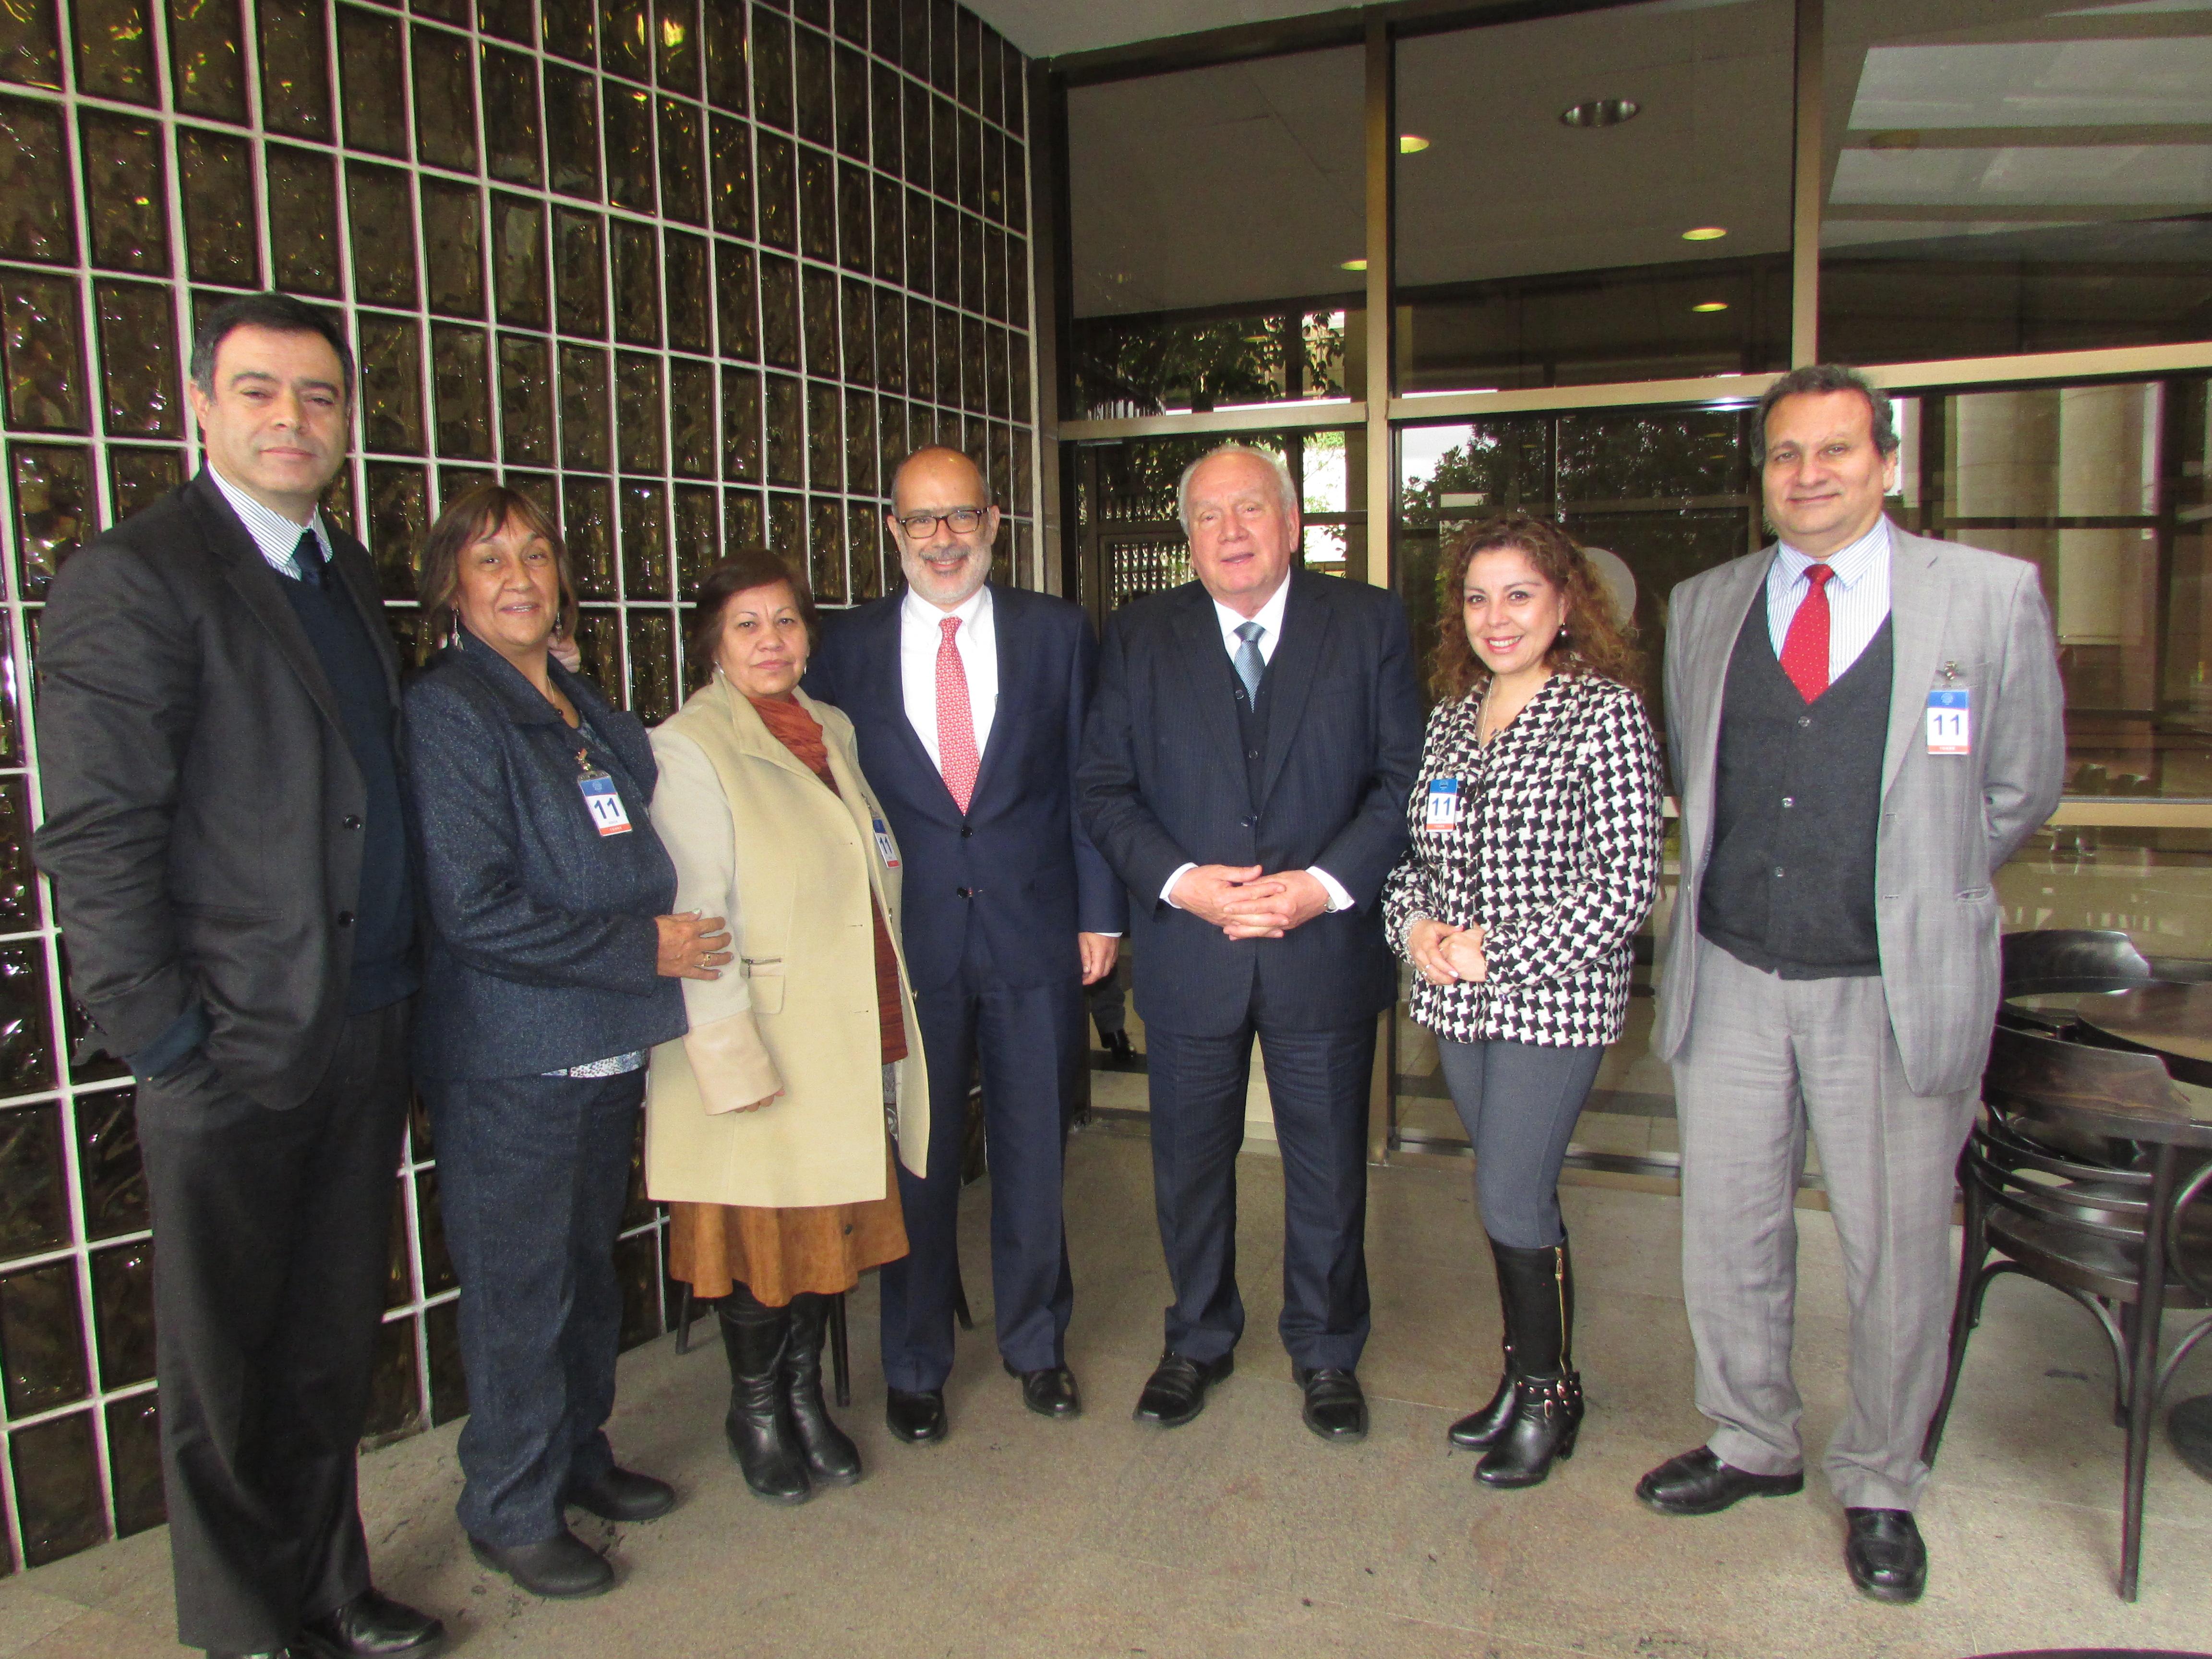 Directorio AET se reúne exitosamente con diputado José Miguel Ortiz por Proyecto de Fortalecimiento de Tesorería - 04 Julio 2017